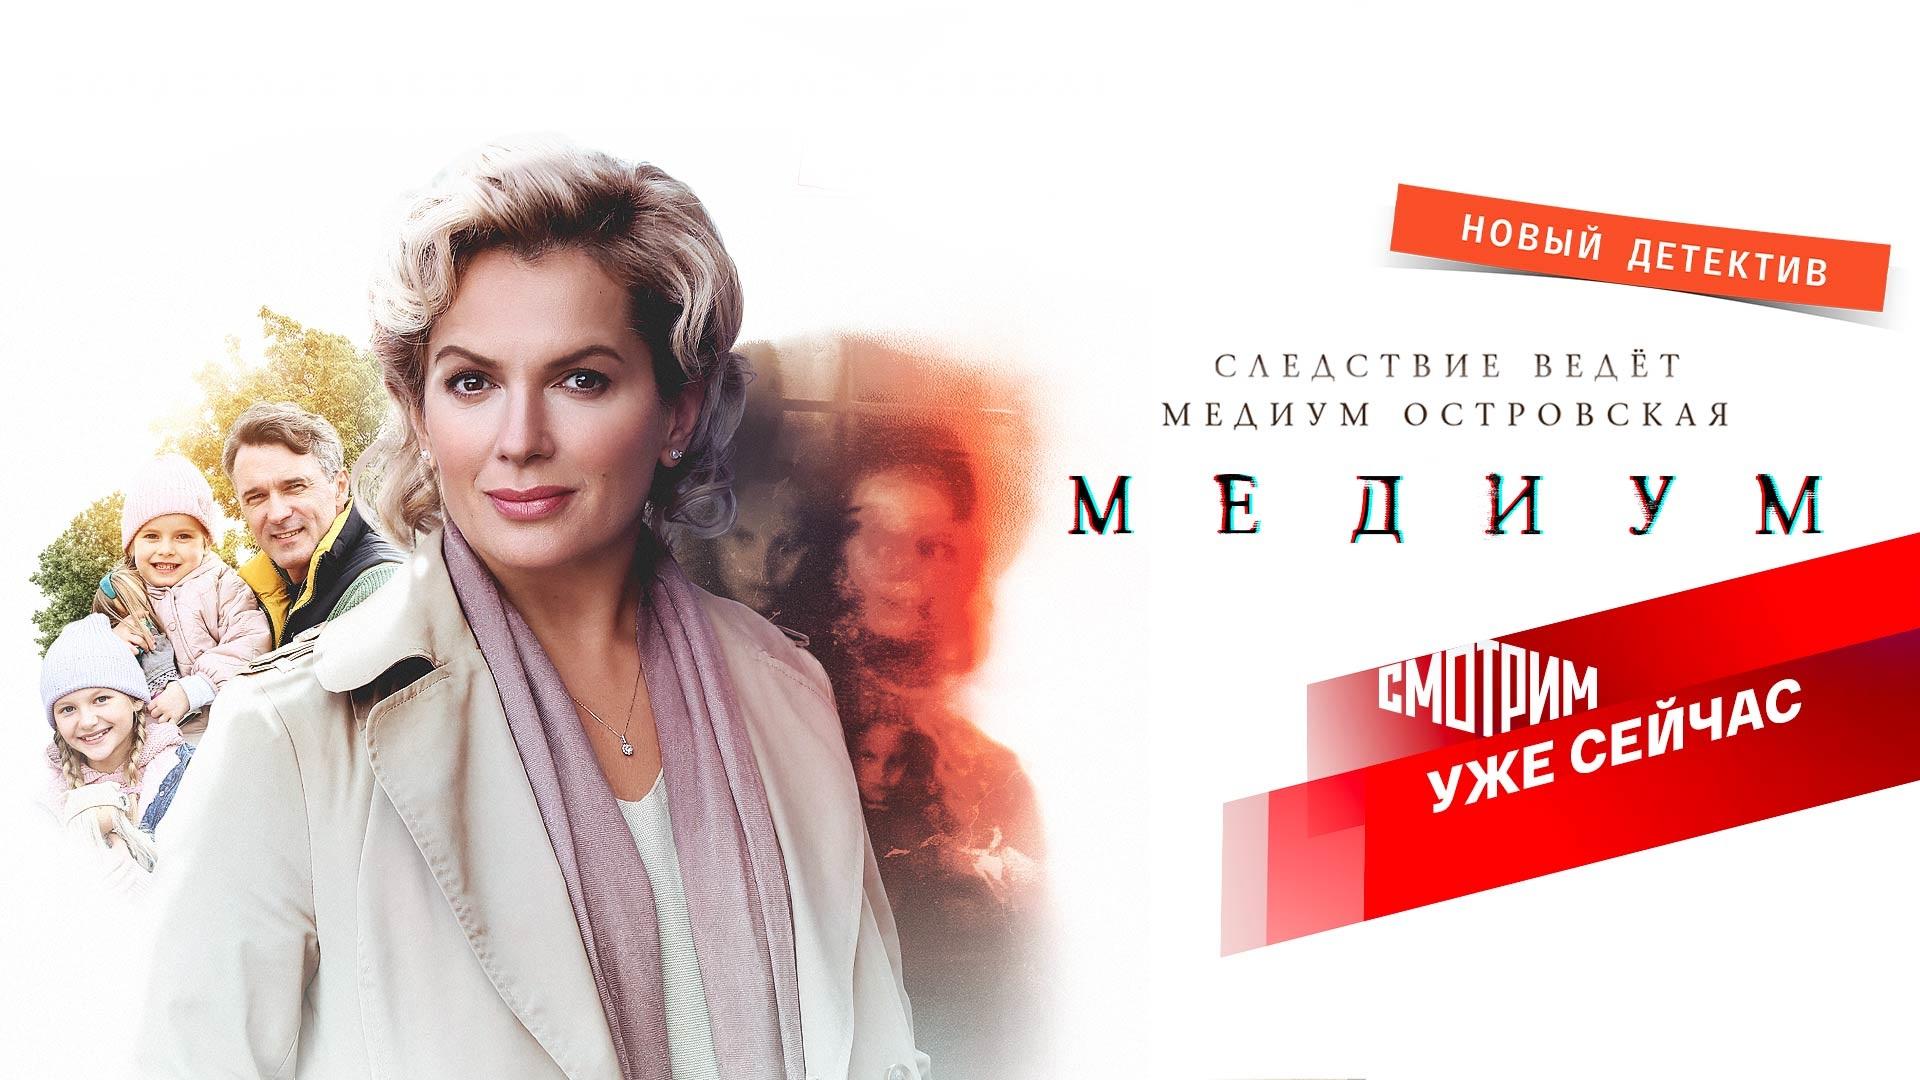 Медиум